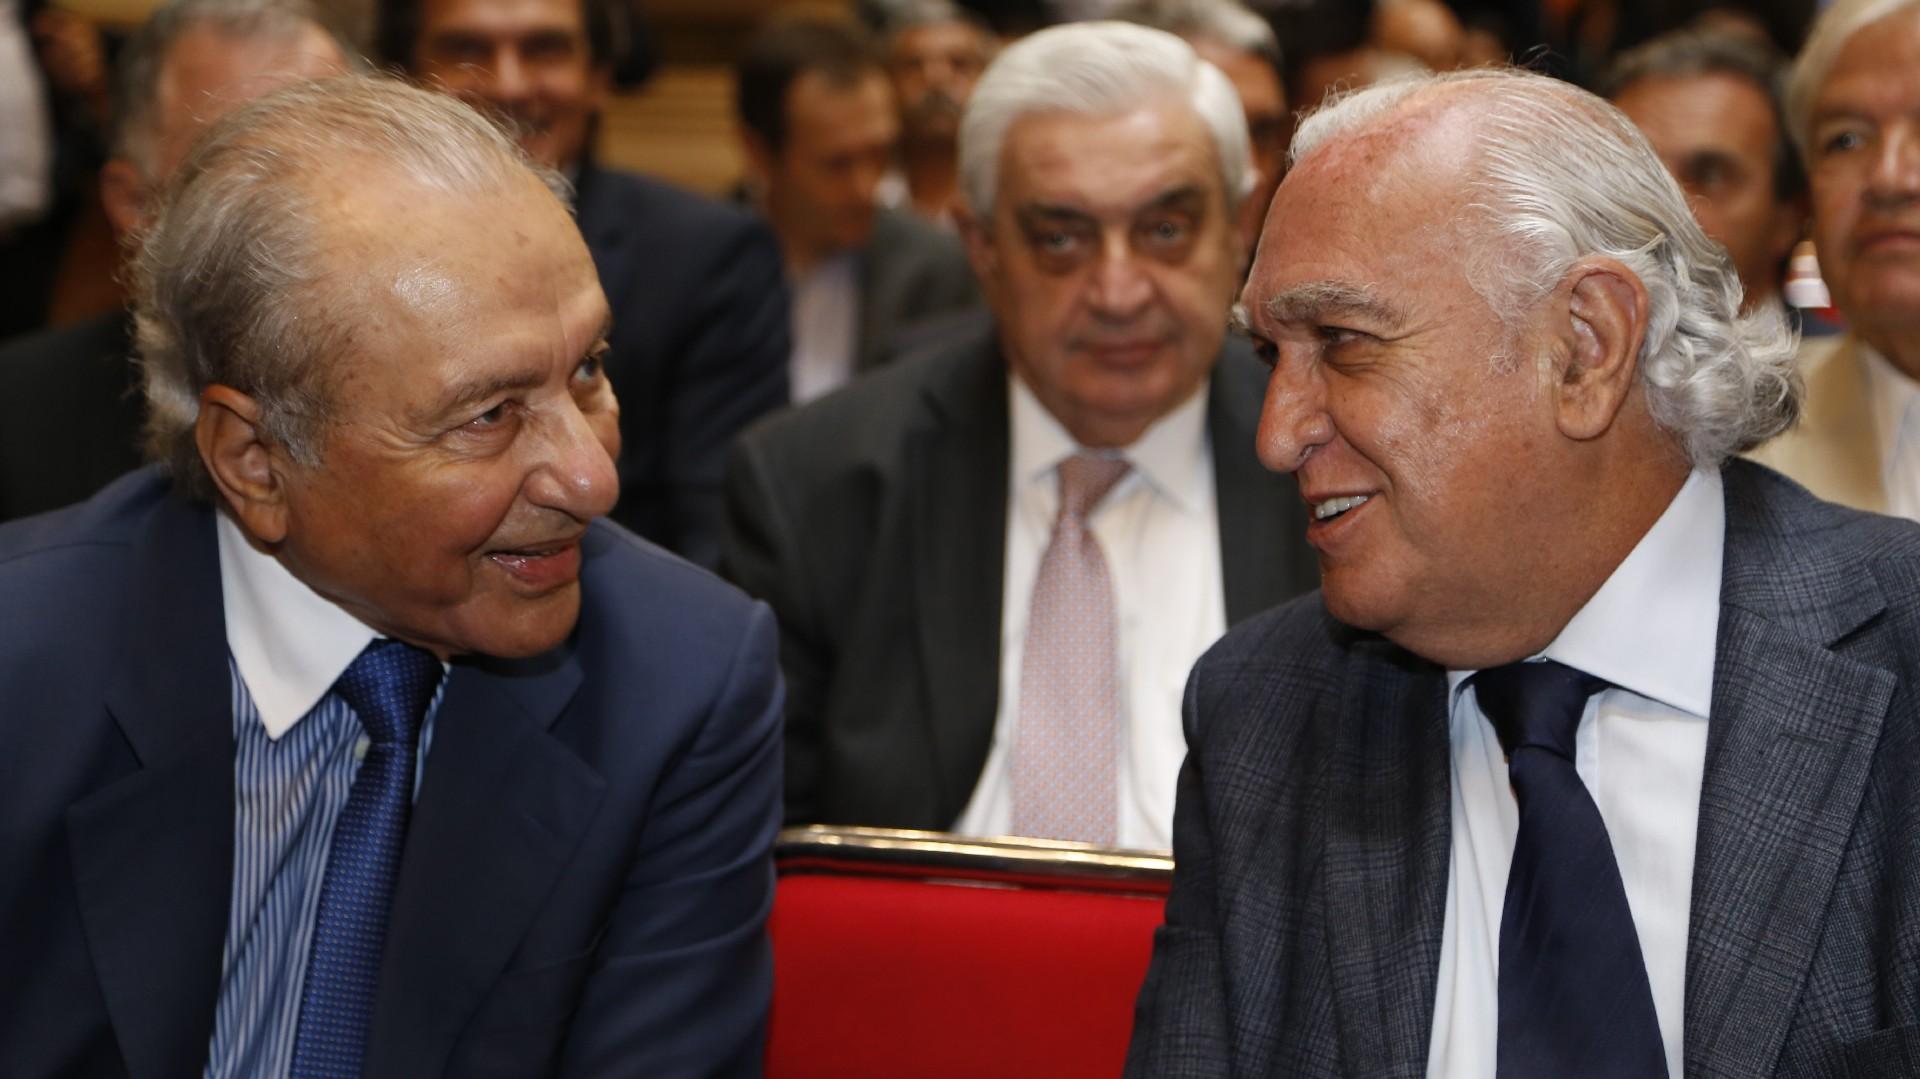 Eduardo Menem junto a Ricardo Gil Lavedra. Atrás, Adelmo Gabbi, presidente de la Bolsa de Comercio